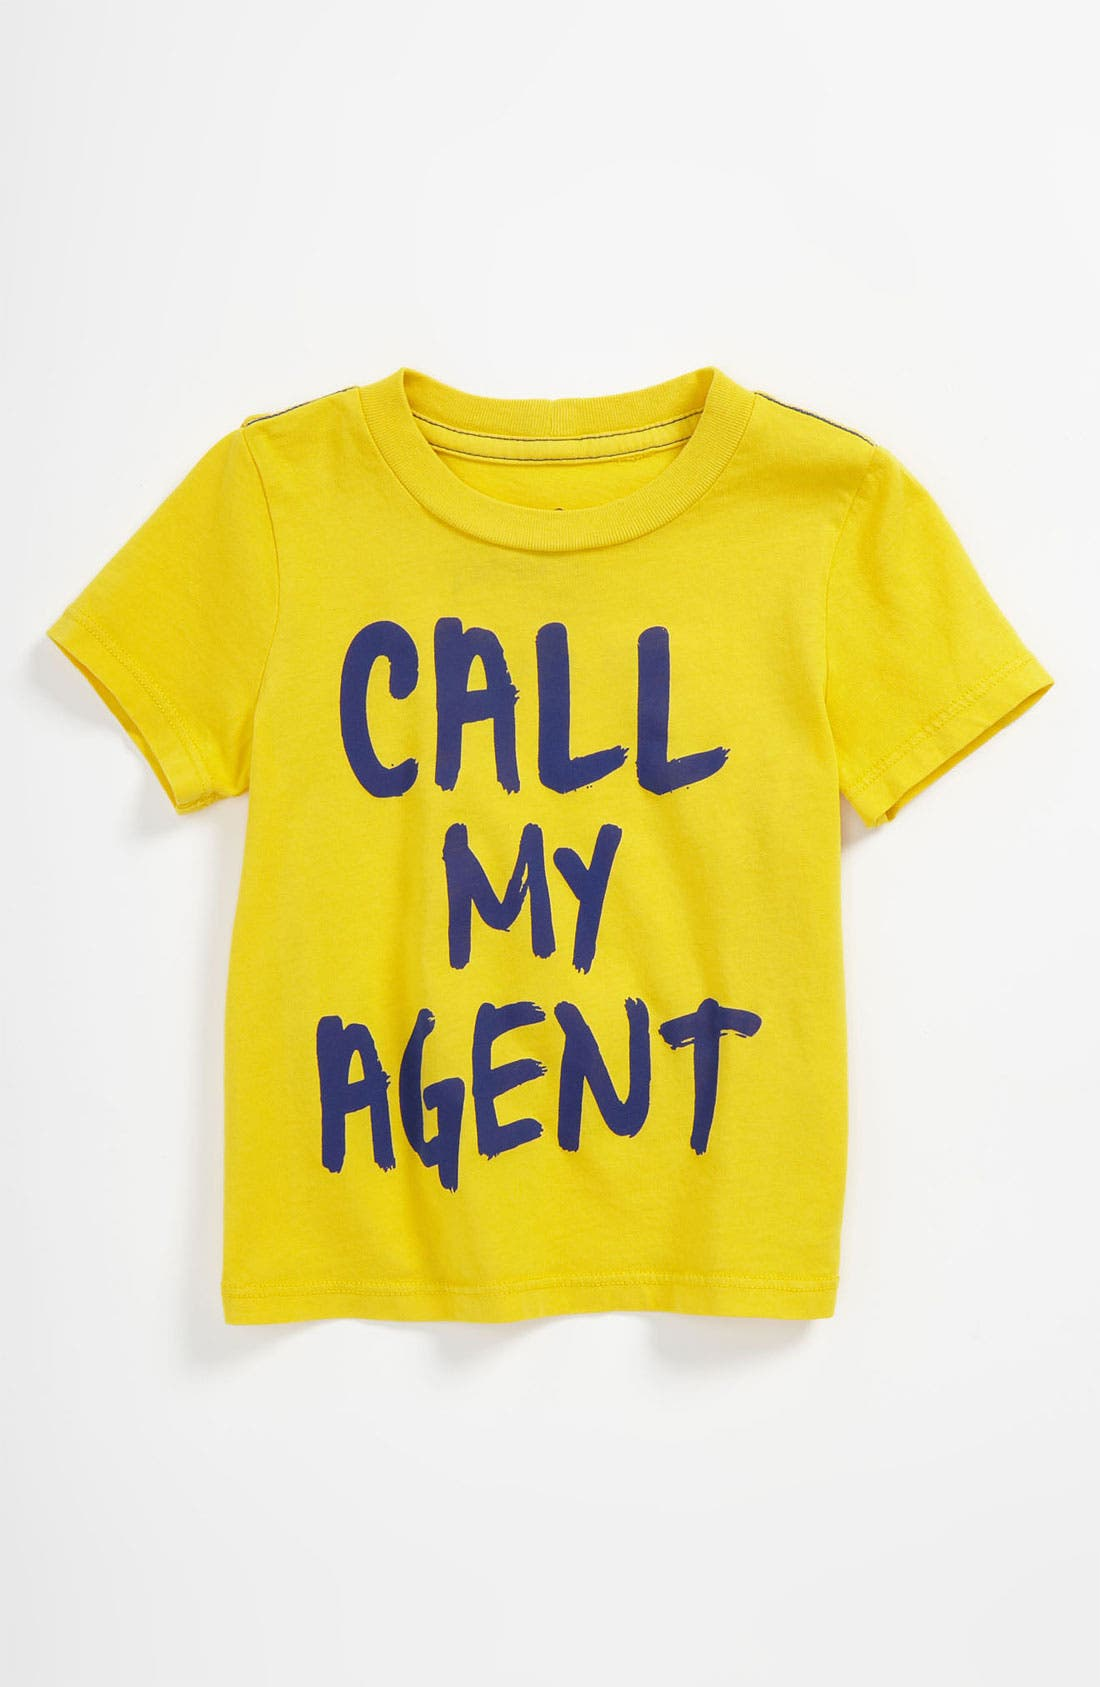 Main Image - Peek 'Call My Agent' Tee (Baby)